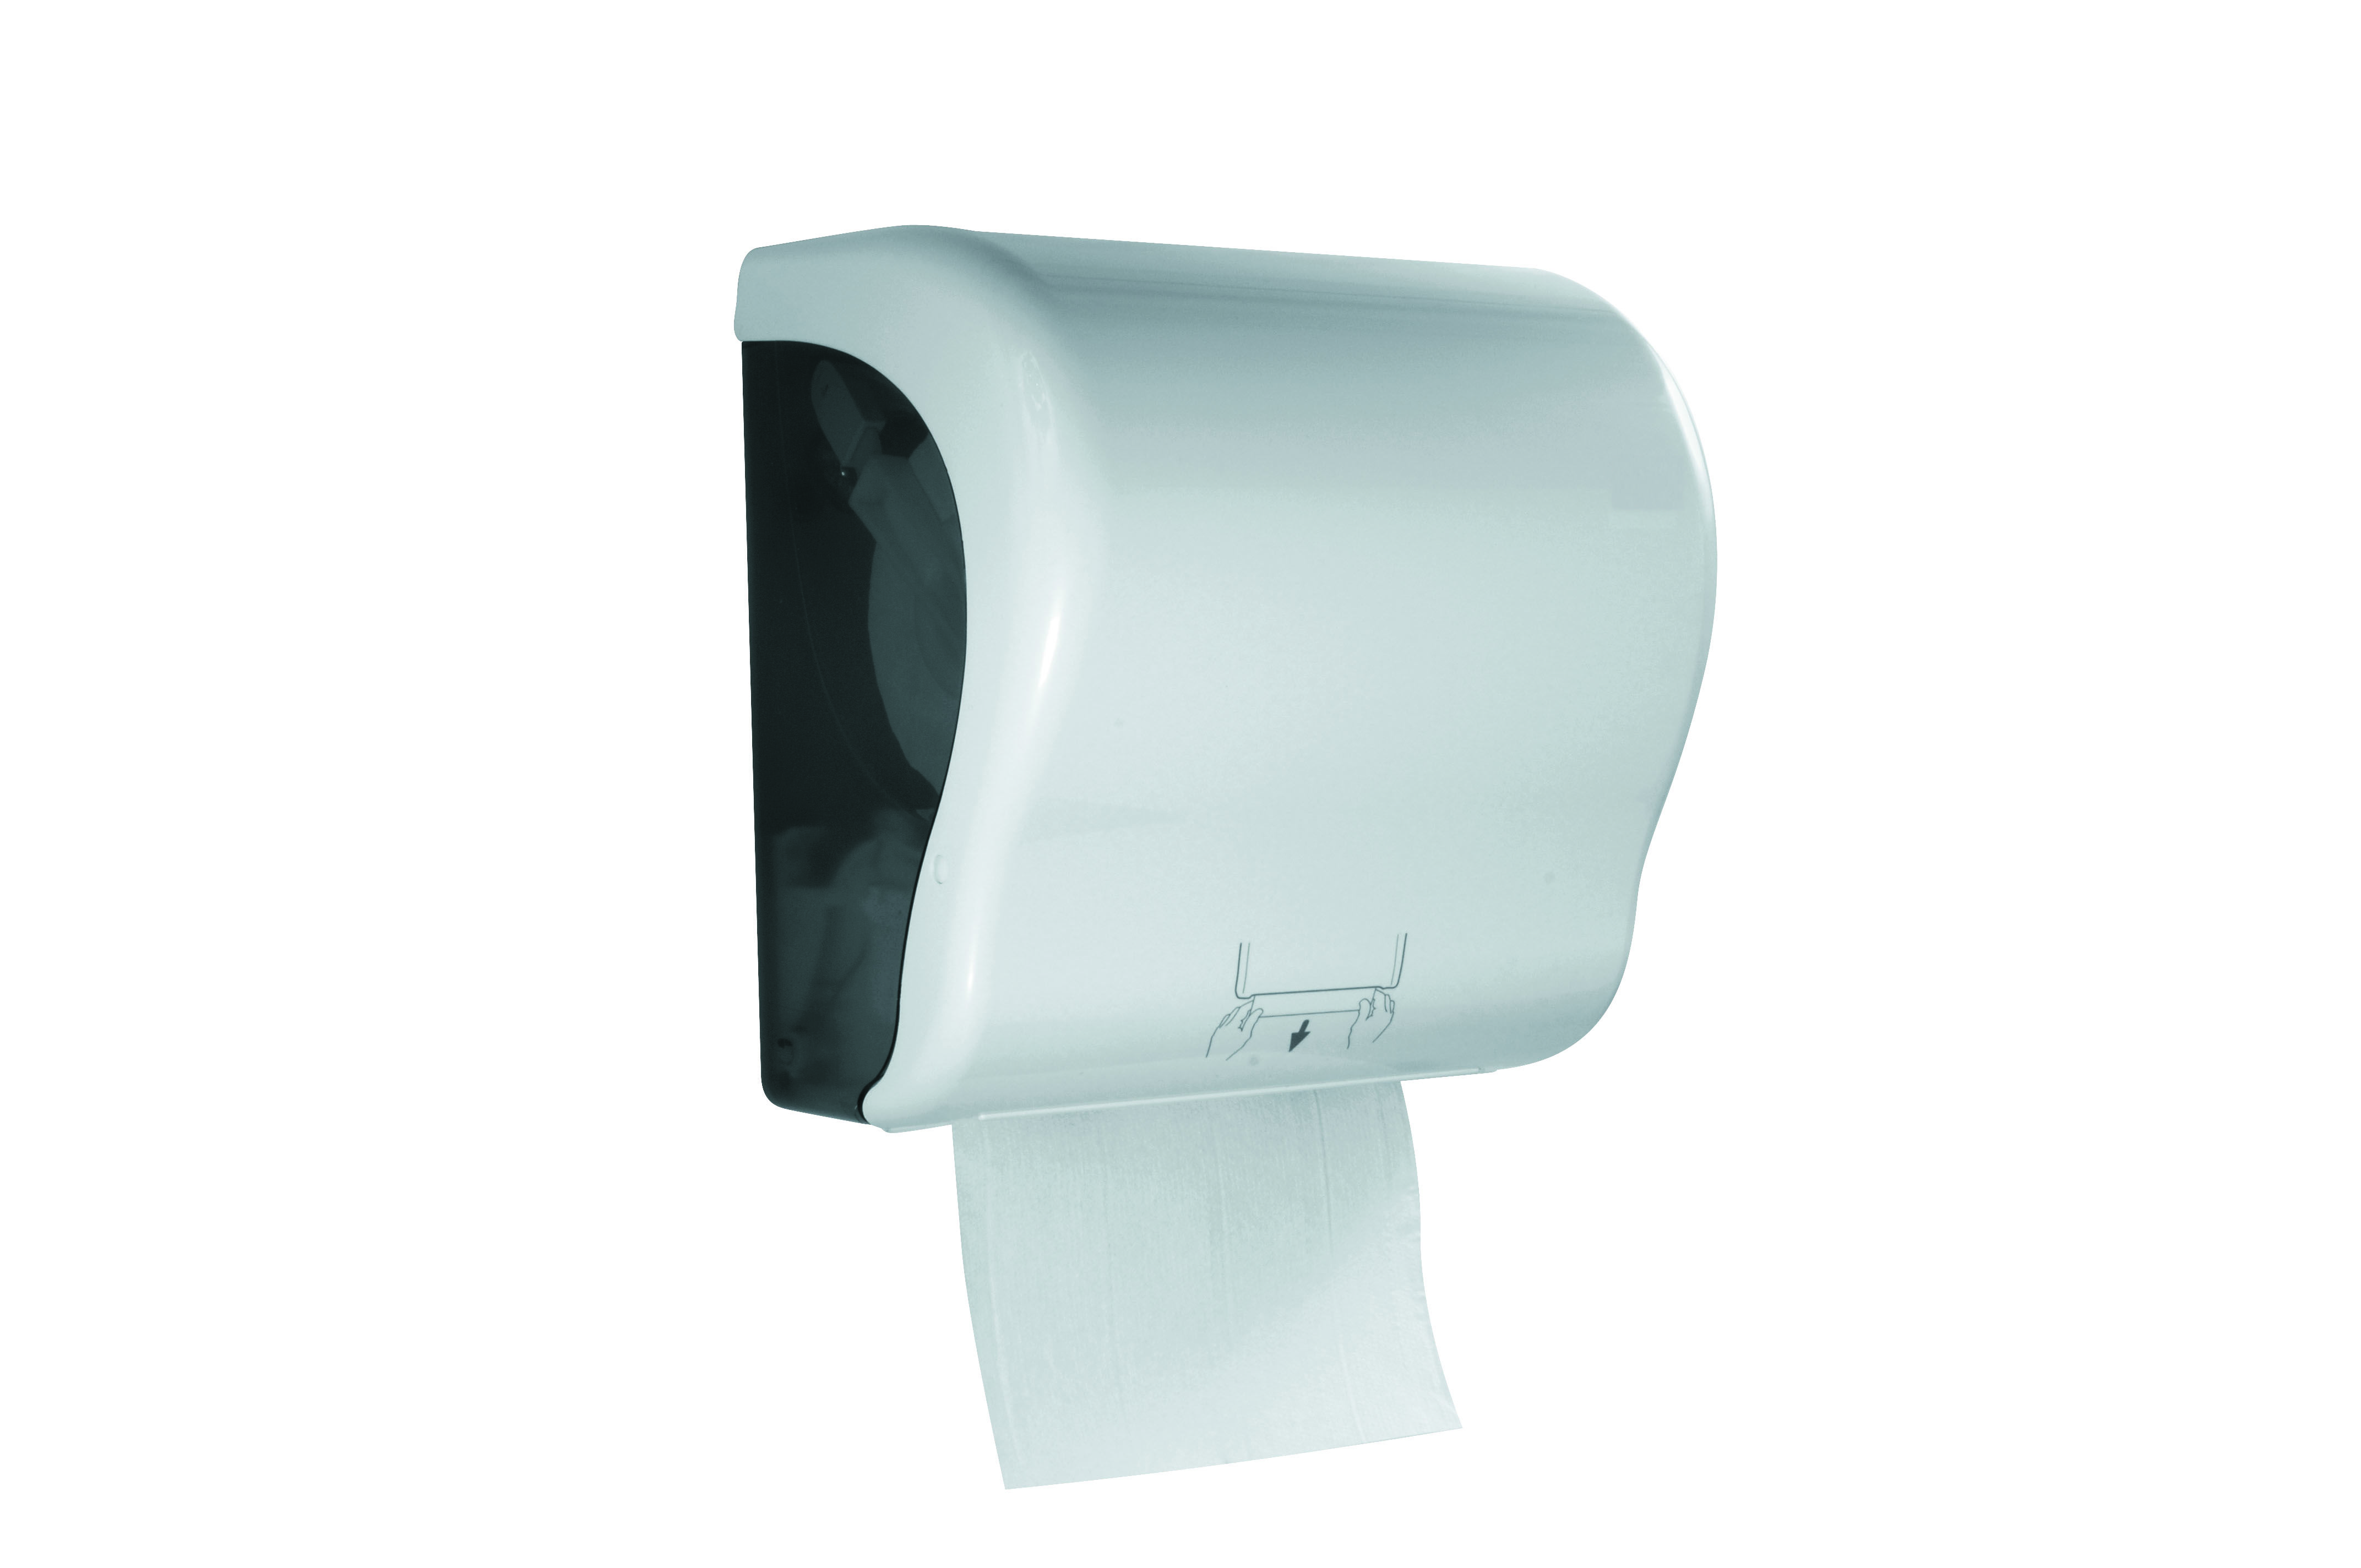 Handtuchrollenspender Rico Autocut Aussenabrollung Papier